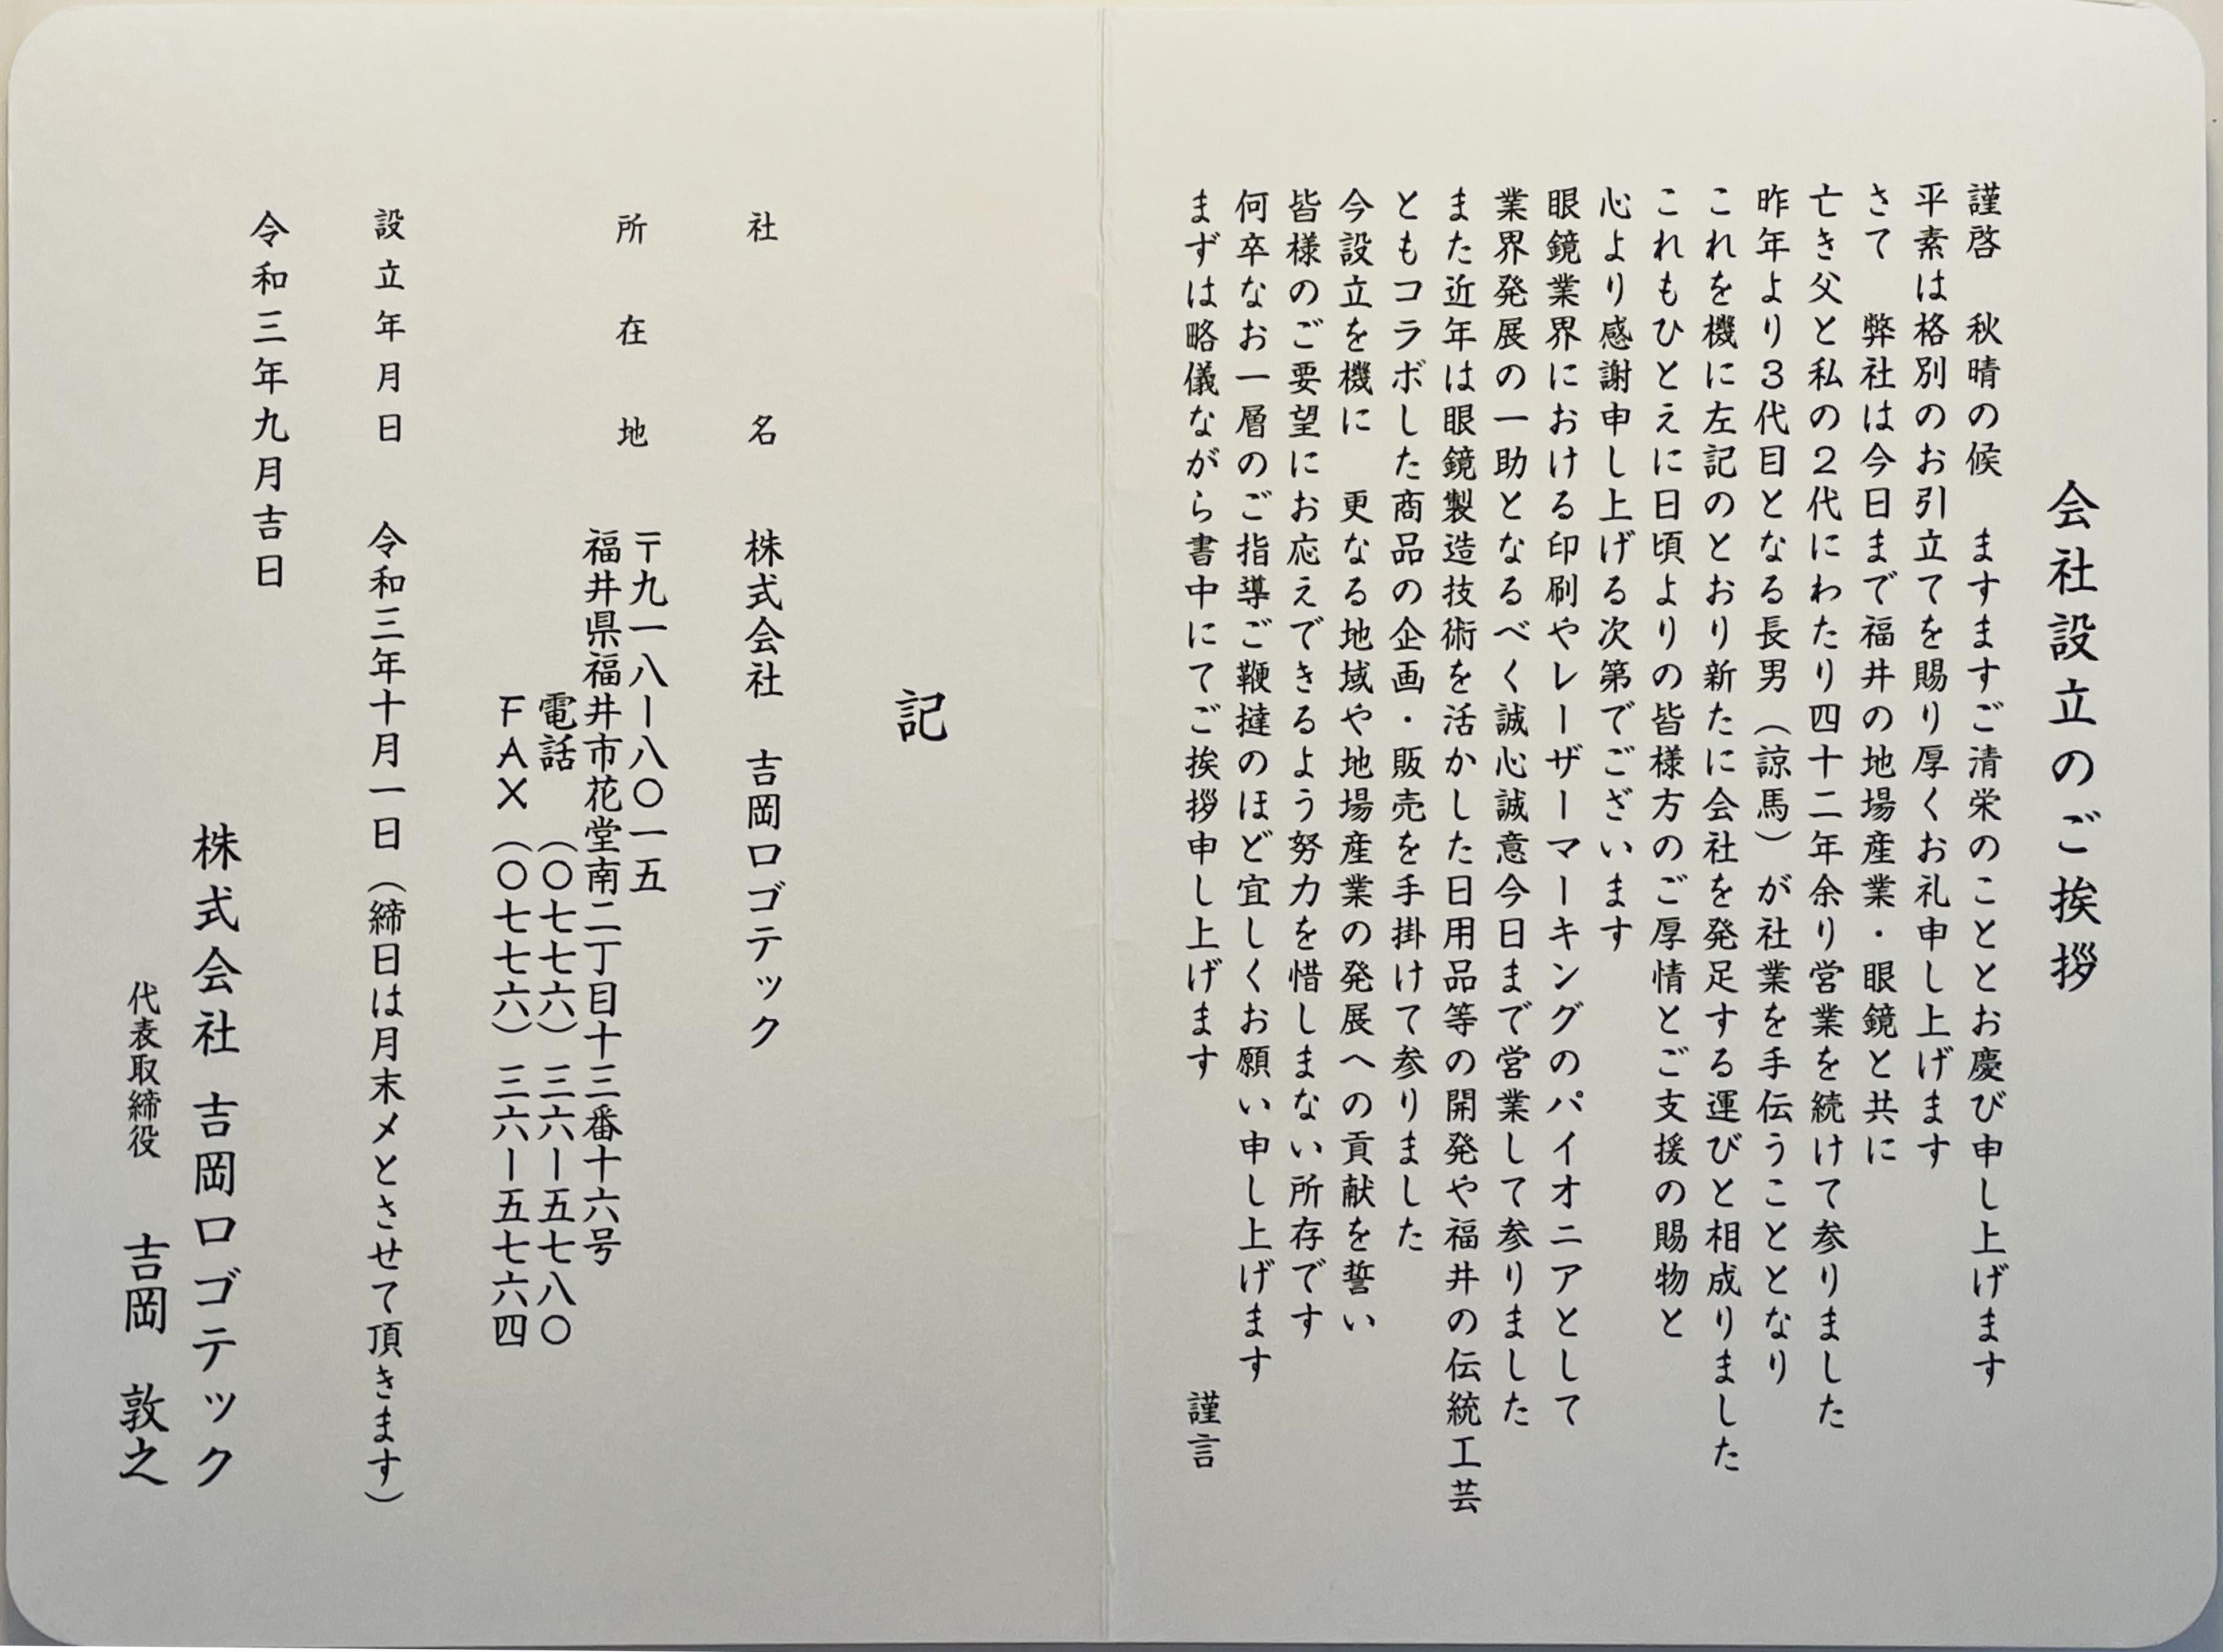 令和3年10月より法人化し、社名が㈱吉岡ロゴテックに変更となります。